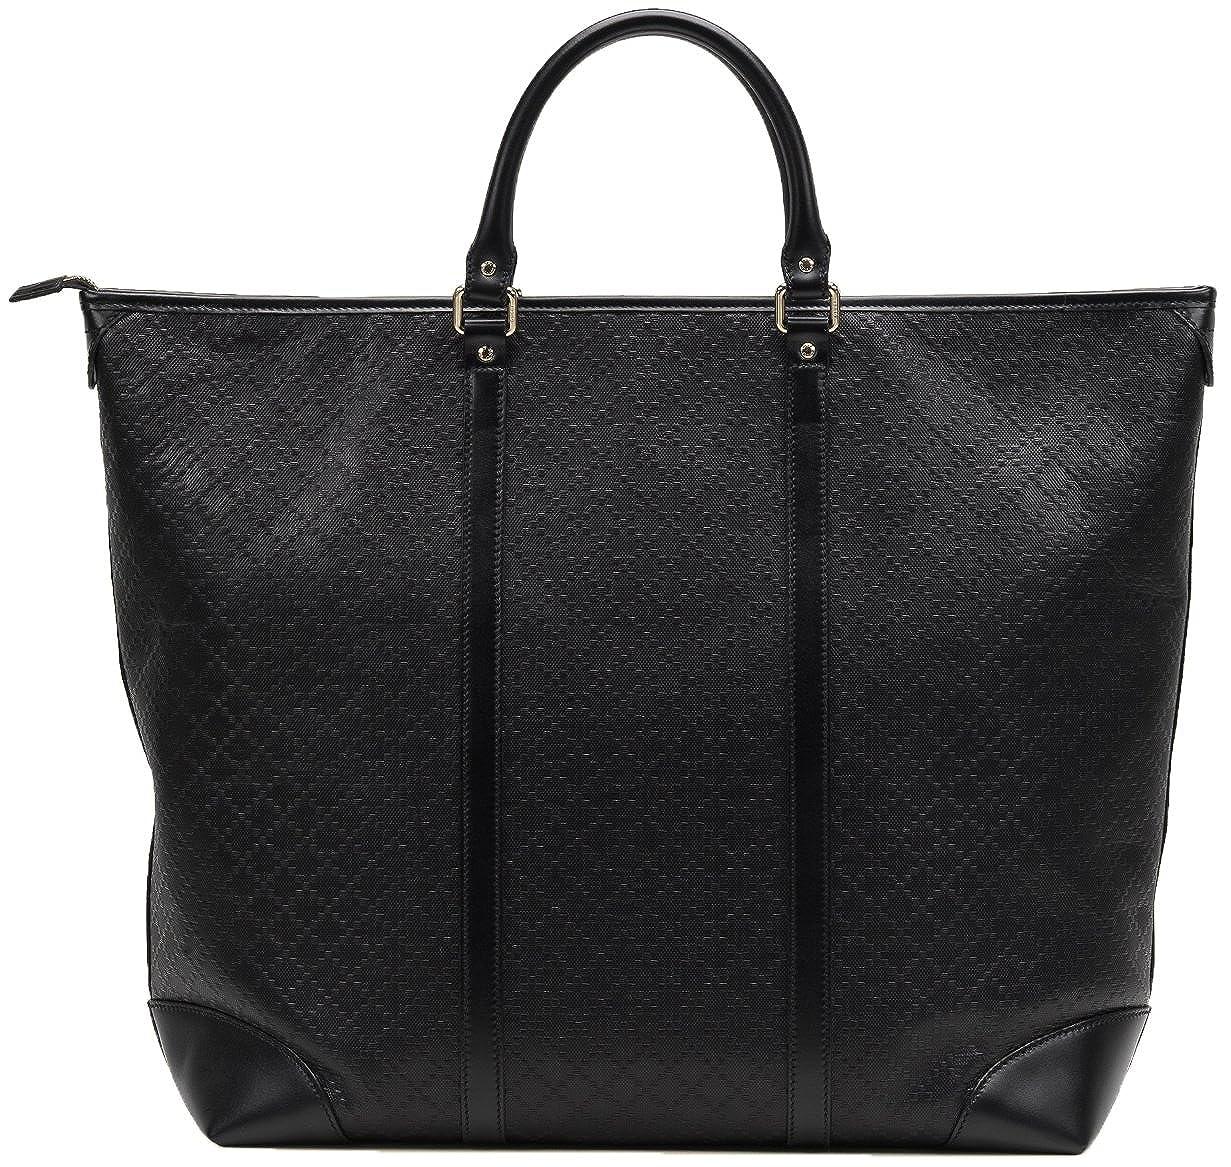 e4f9213da Amazon.com: Gucci Black GG Diamante Leather Top Handle Large Tote Bag: Shoes